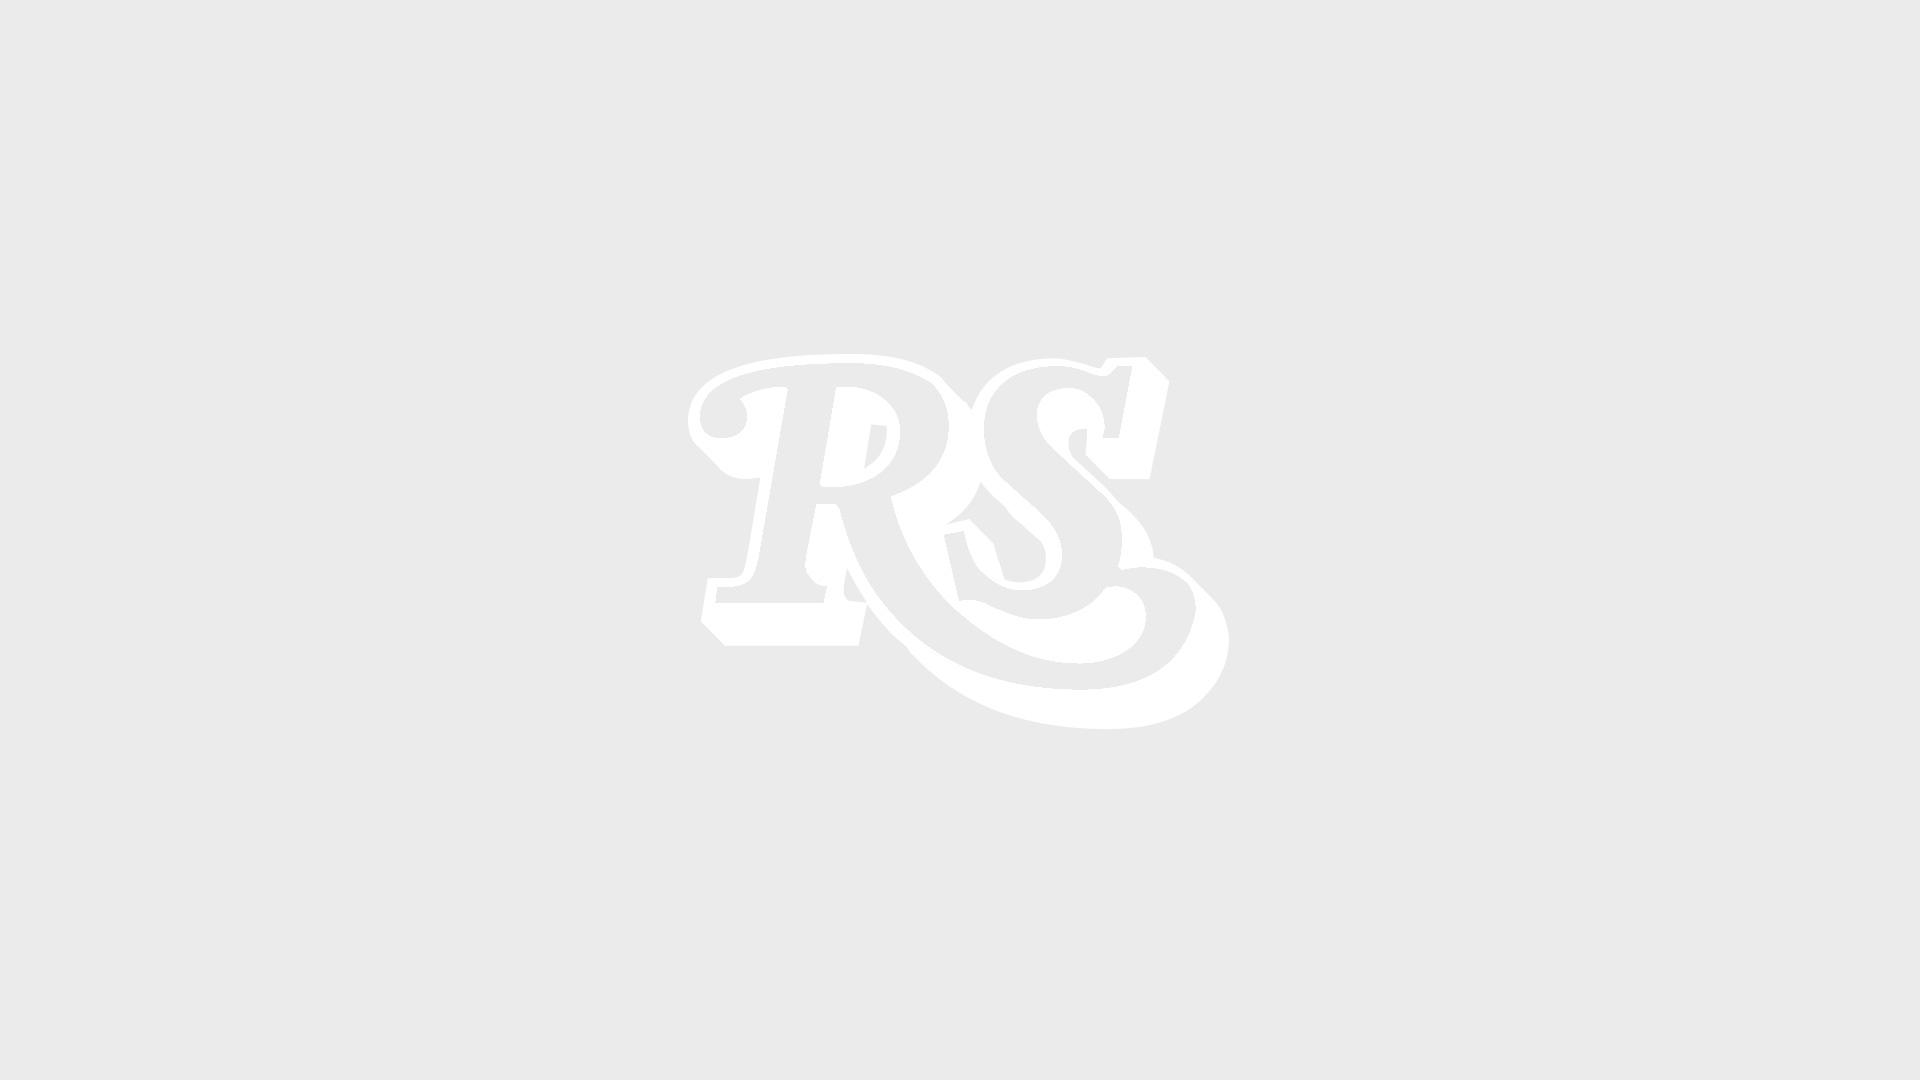 Paul Simon bei einem Live-Auftritt im Jahr 2015Paul Simon bei einem Live-Auftritt im Jahr 2015